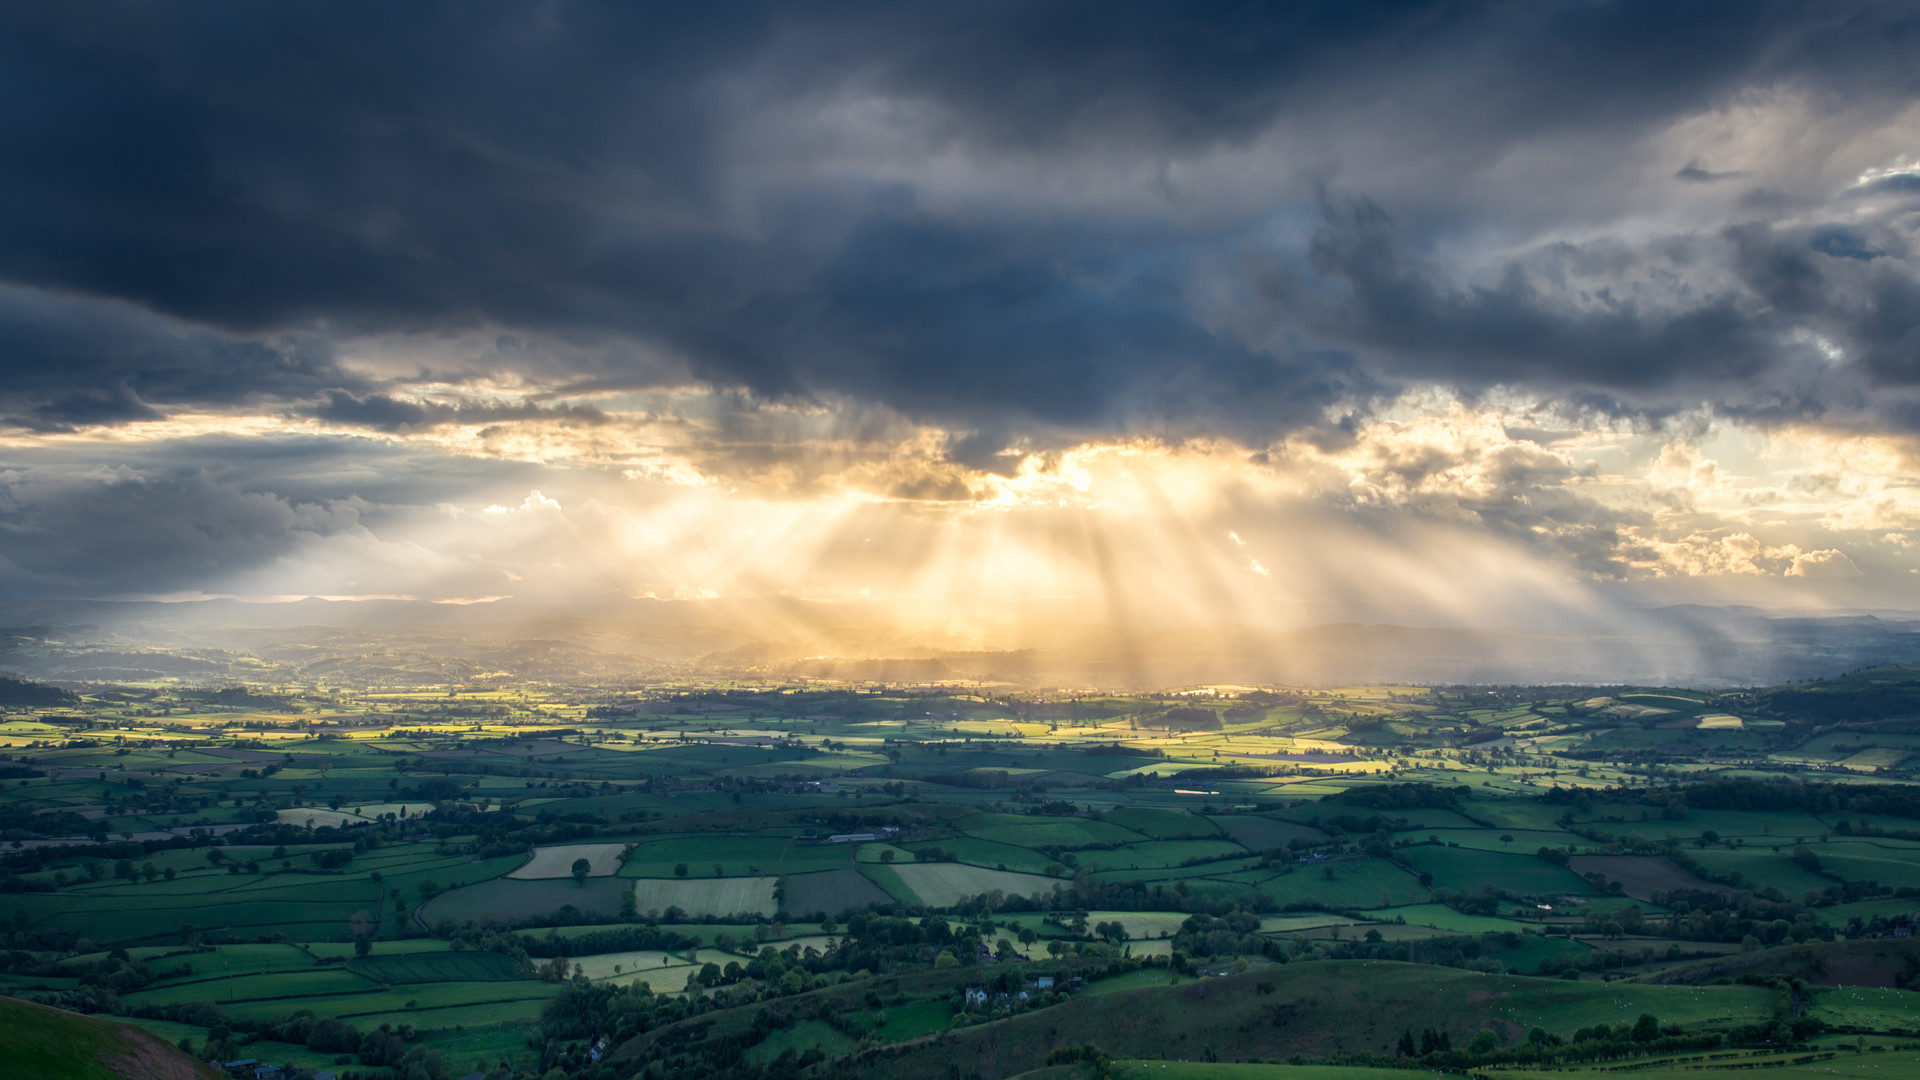 Rural-Scene-Wales-Stormy-Clouds.jpg